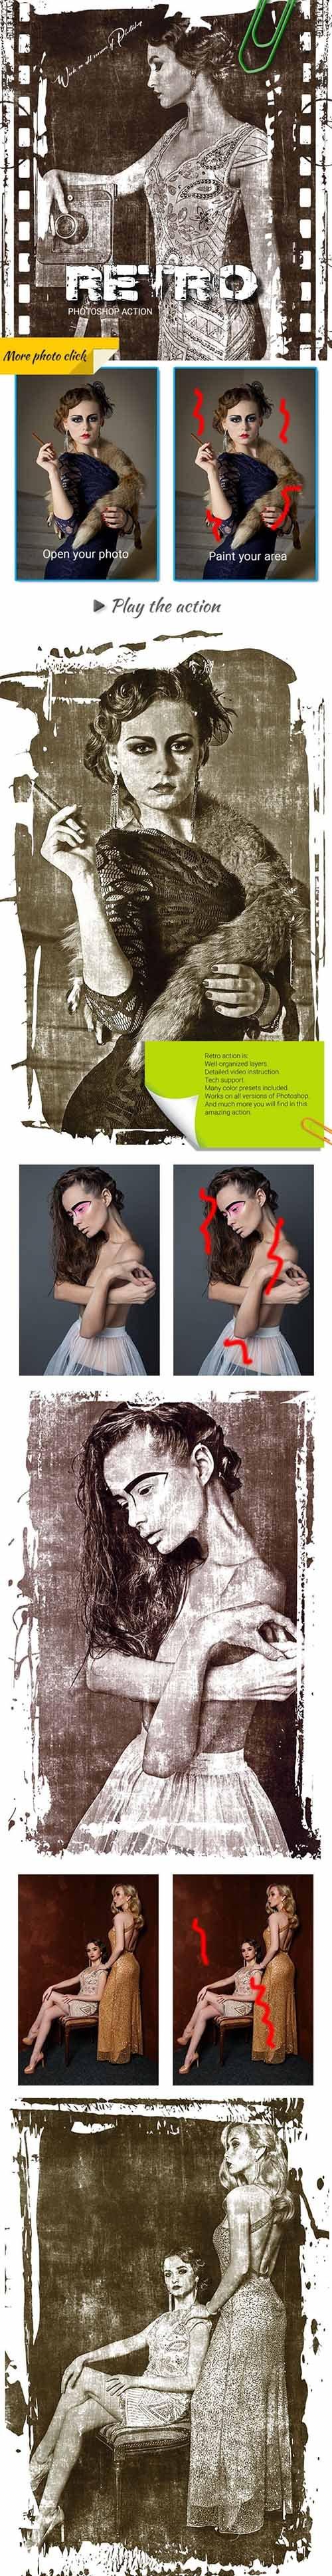 Retro Photoshop Action 25599015